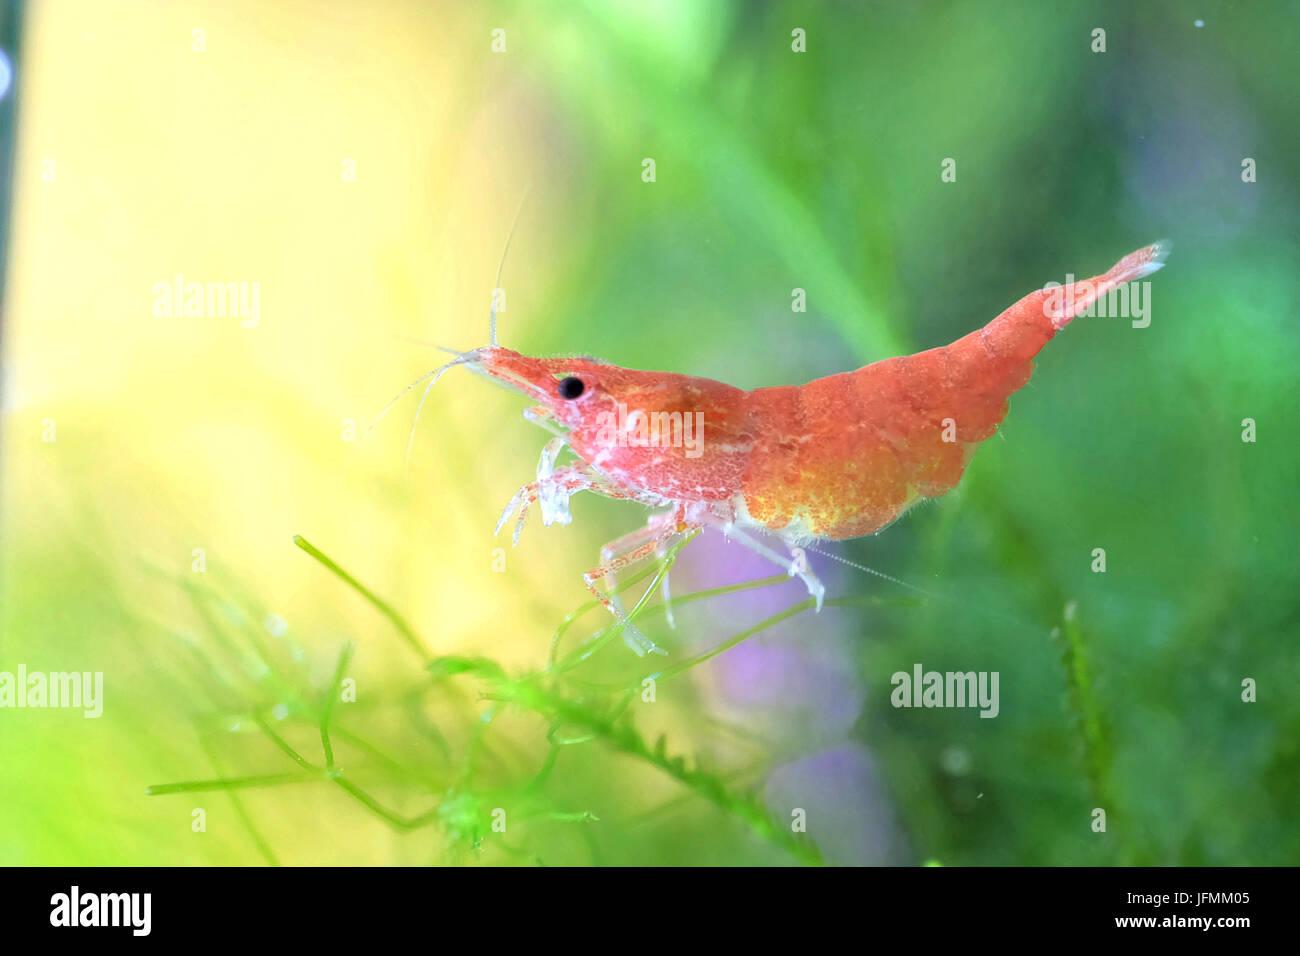 Cherry Shrimp Stock Photos & Cherry Shrimp Stock Images - Alamy